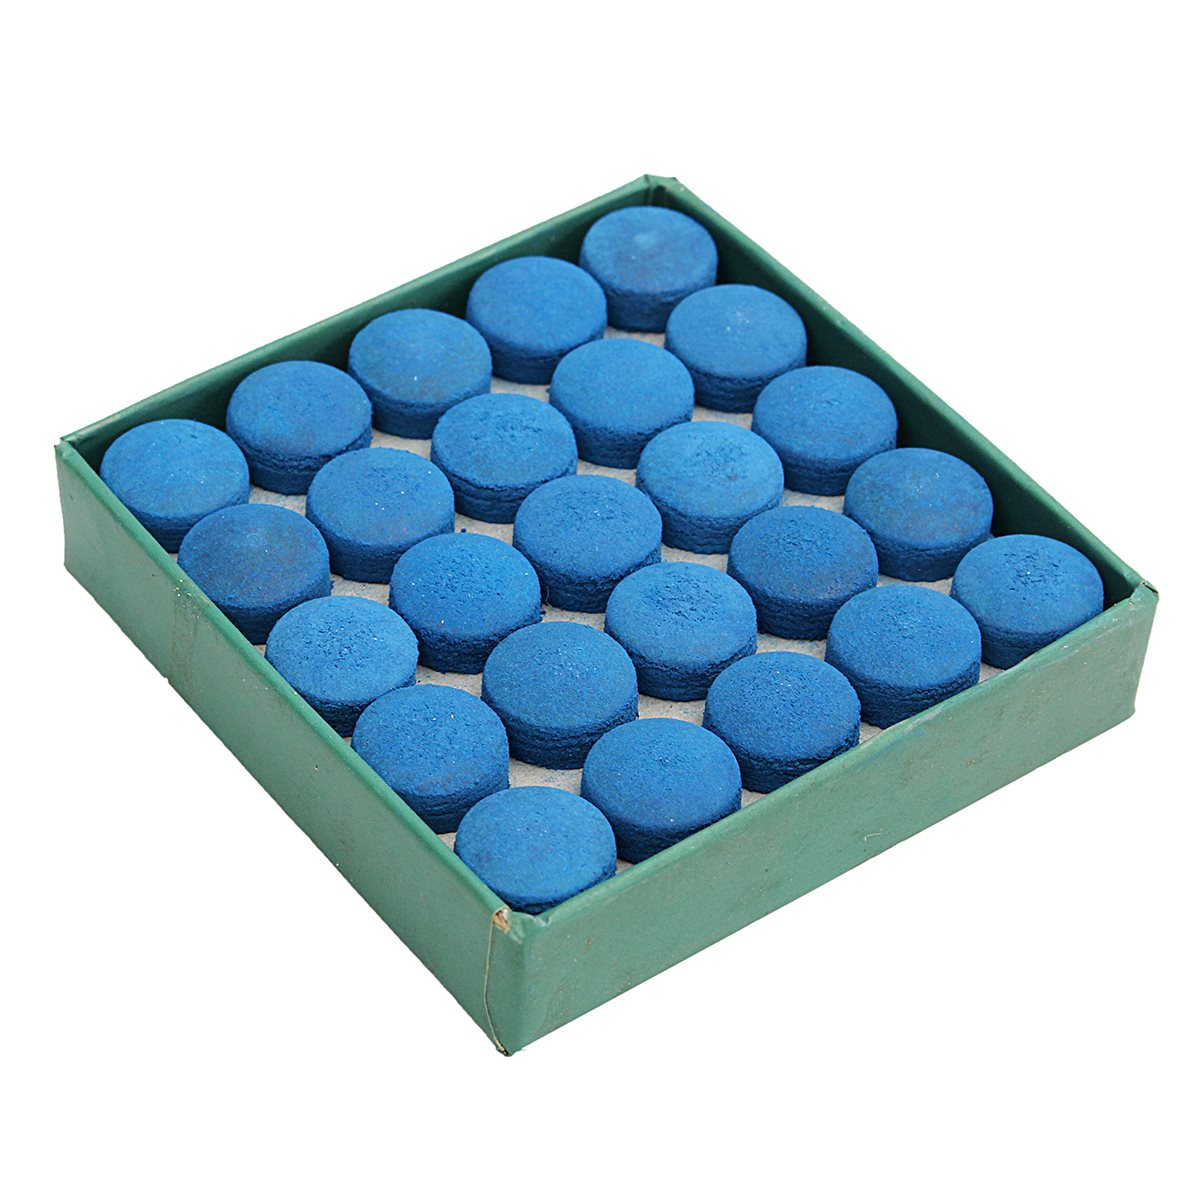 цена на Box Of 50pcs Glue-on Pool Billiards Snooker Cue Tips 9mm 10mm 13mm